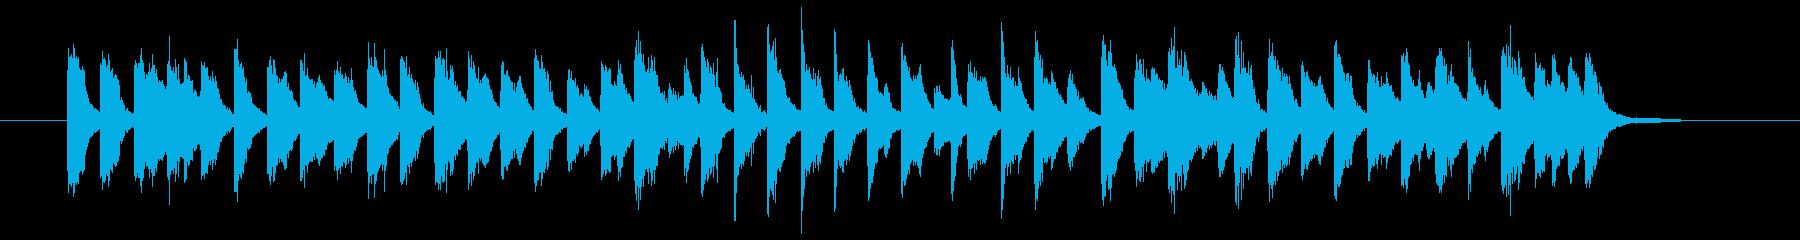 行進曲×古いジャズ(ピアノソロ)の再生済みの波形